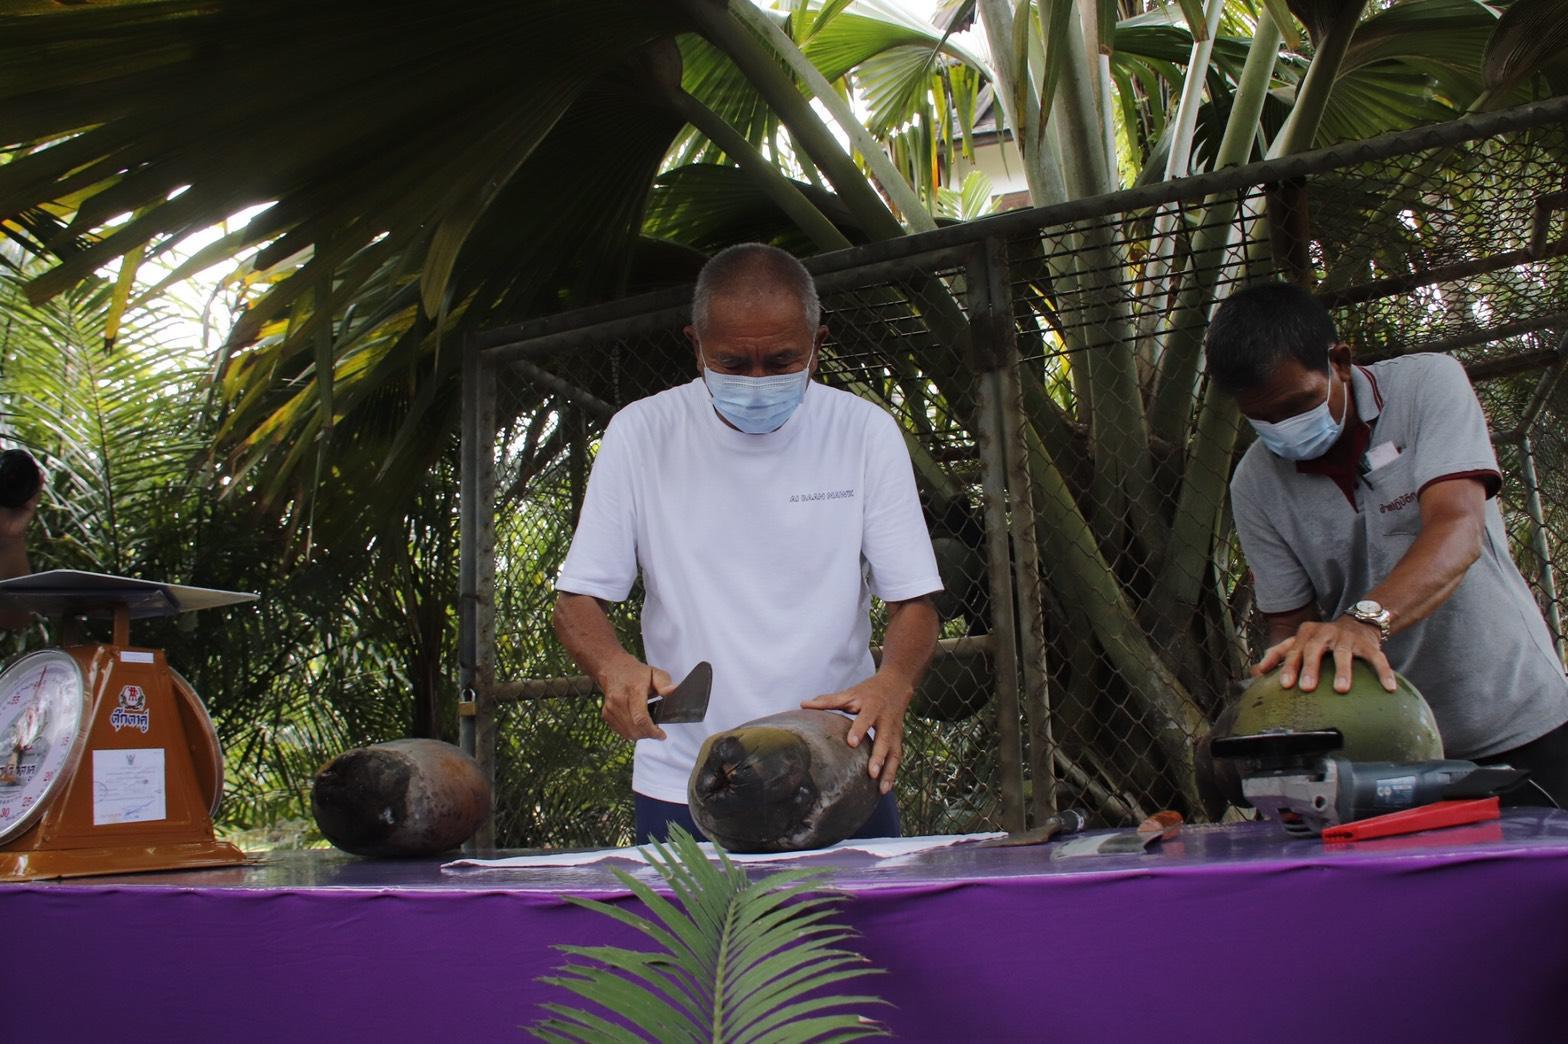 สวนนงนุชพัทยา ผ่ามะพร้าวก้นสาว หายากที่สุดในโลก มูลค่าเกือบแสน ให้นักท่องเที่ยวชิมฟรี